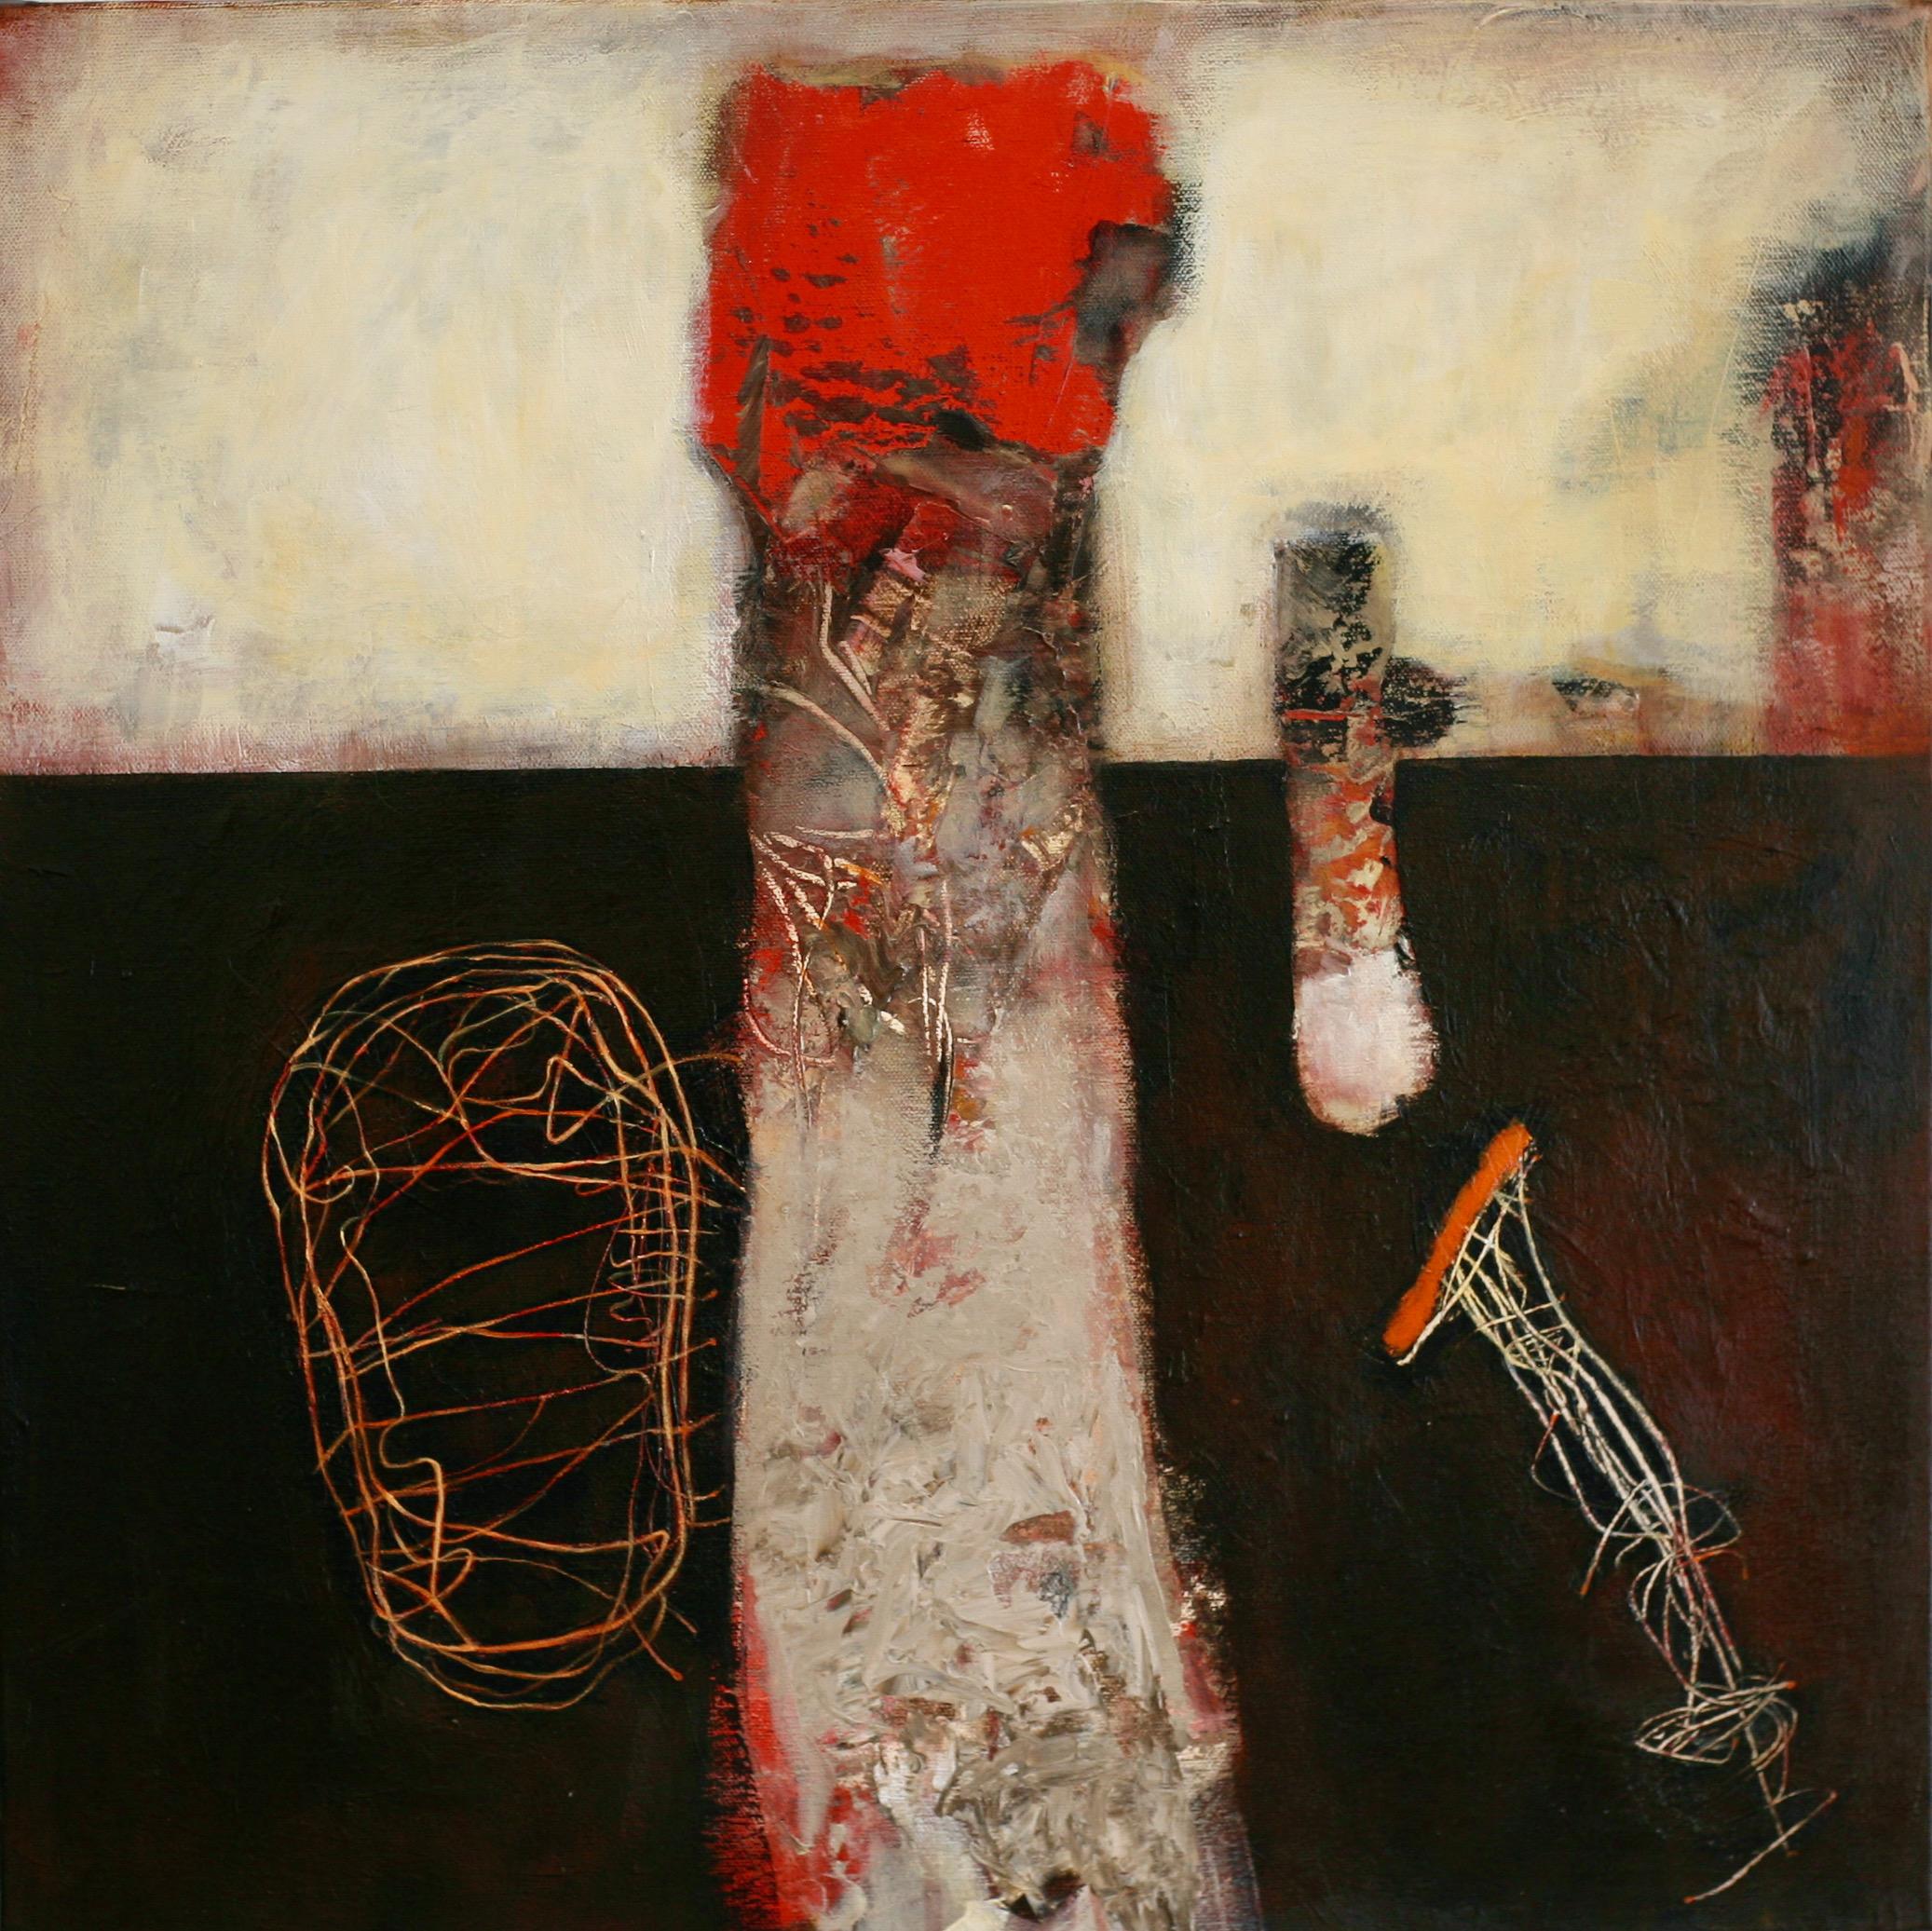 Oleg Bondarenko - The Tower and the Flower, oljemålning